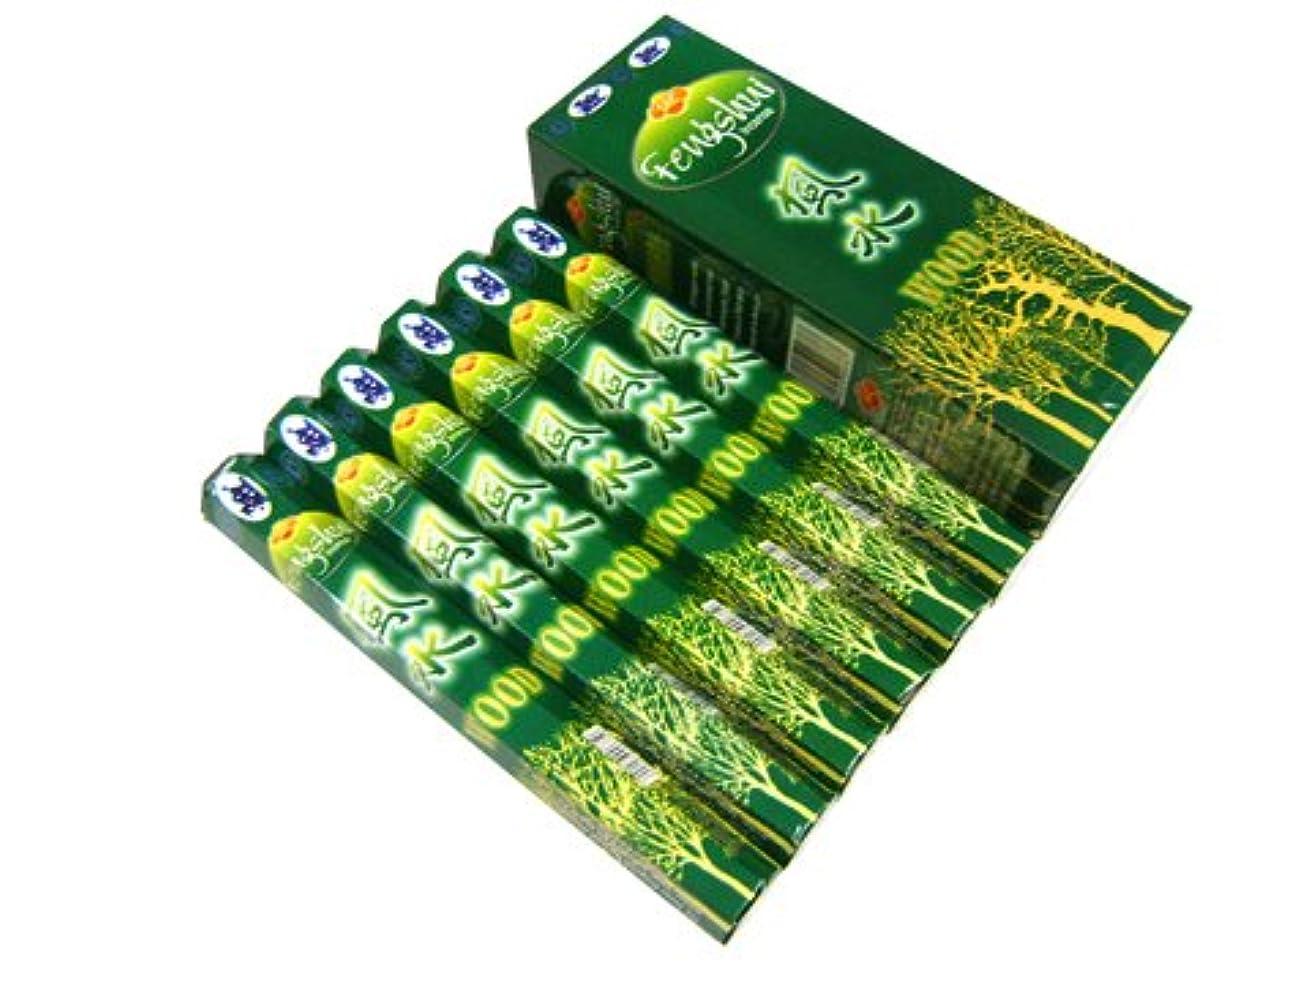 調整する容量ディーラーSANDESH SAC (サンデッシュ) 風水香(ウッド) スティック FENGSHUI WOOD 6箱セット